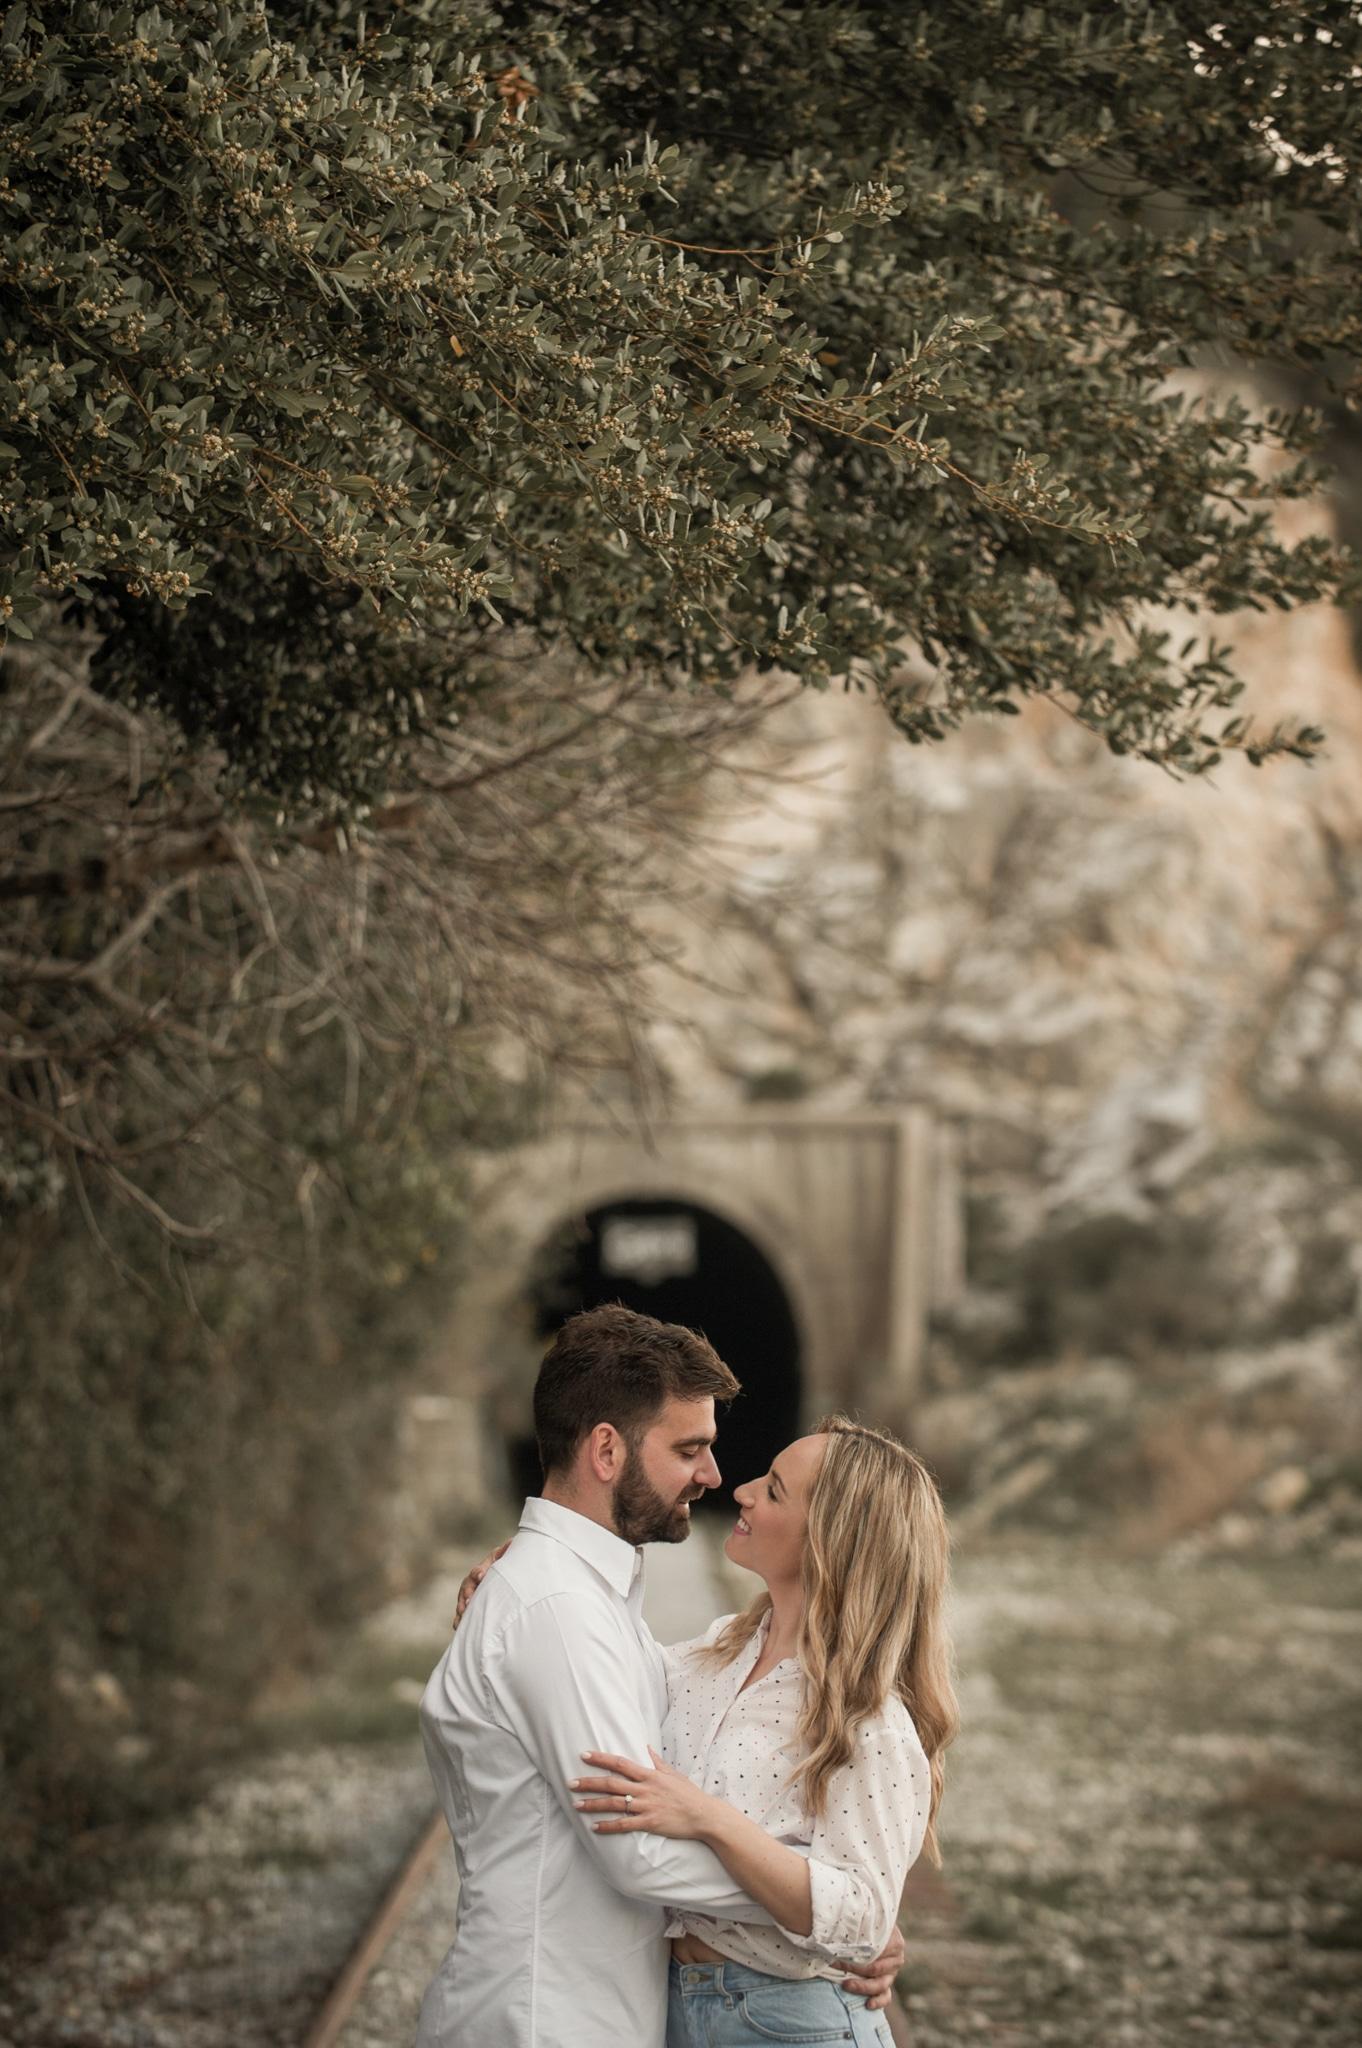 pre wedding photoshooting